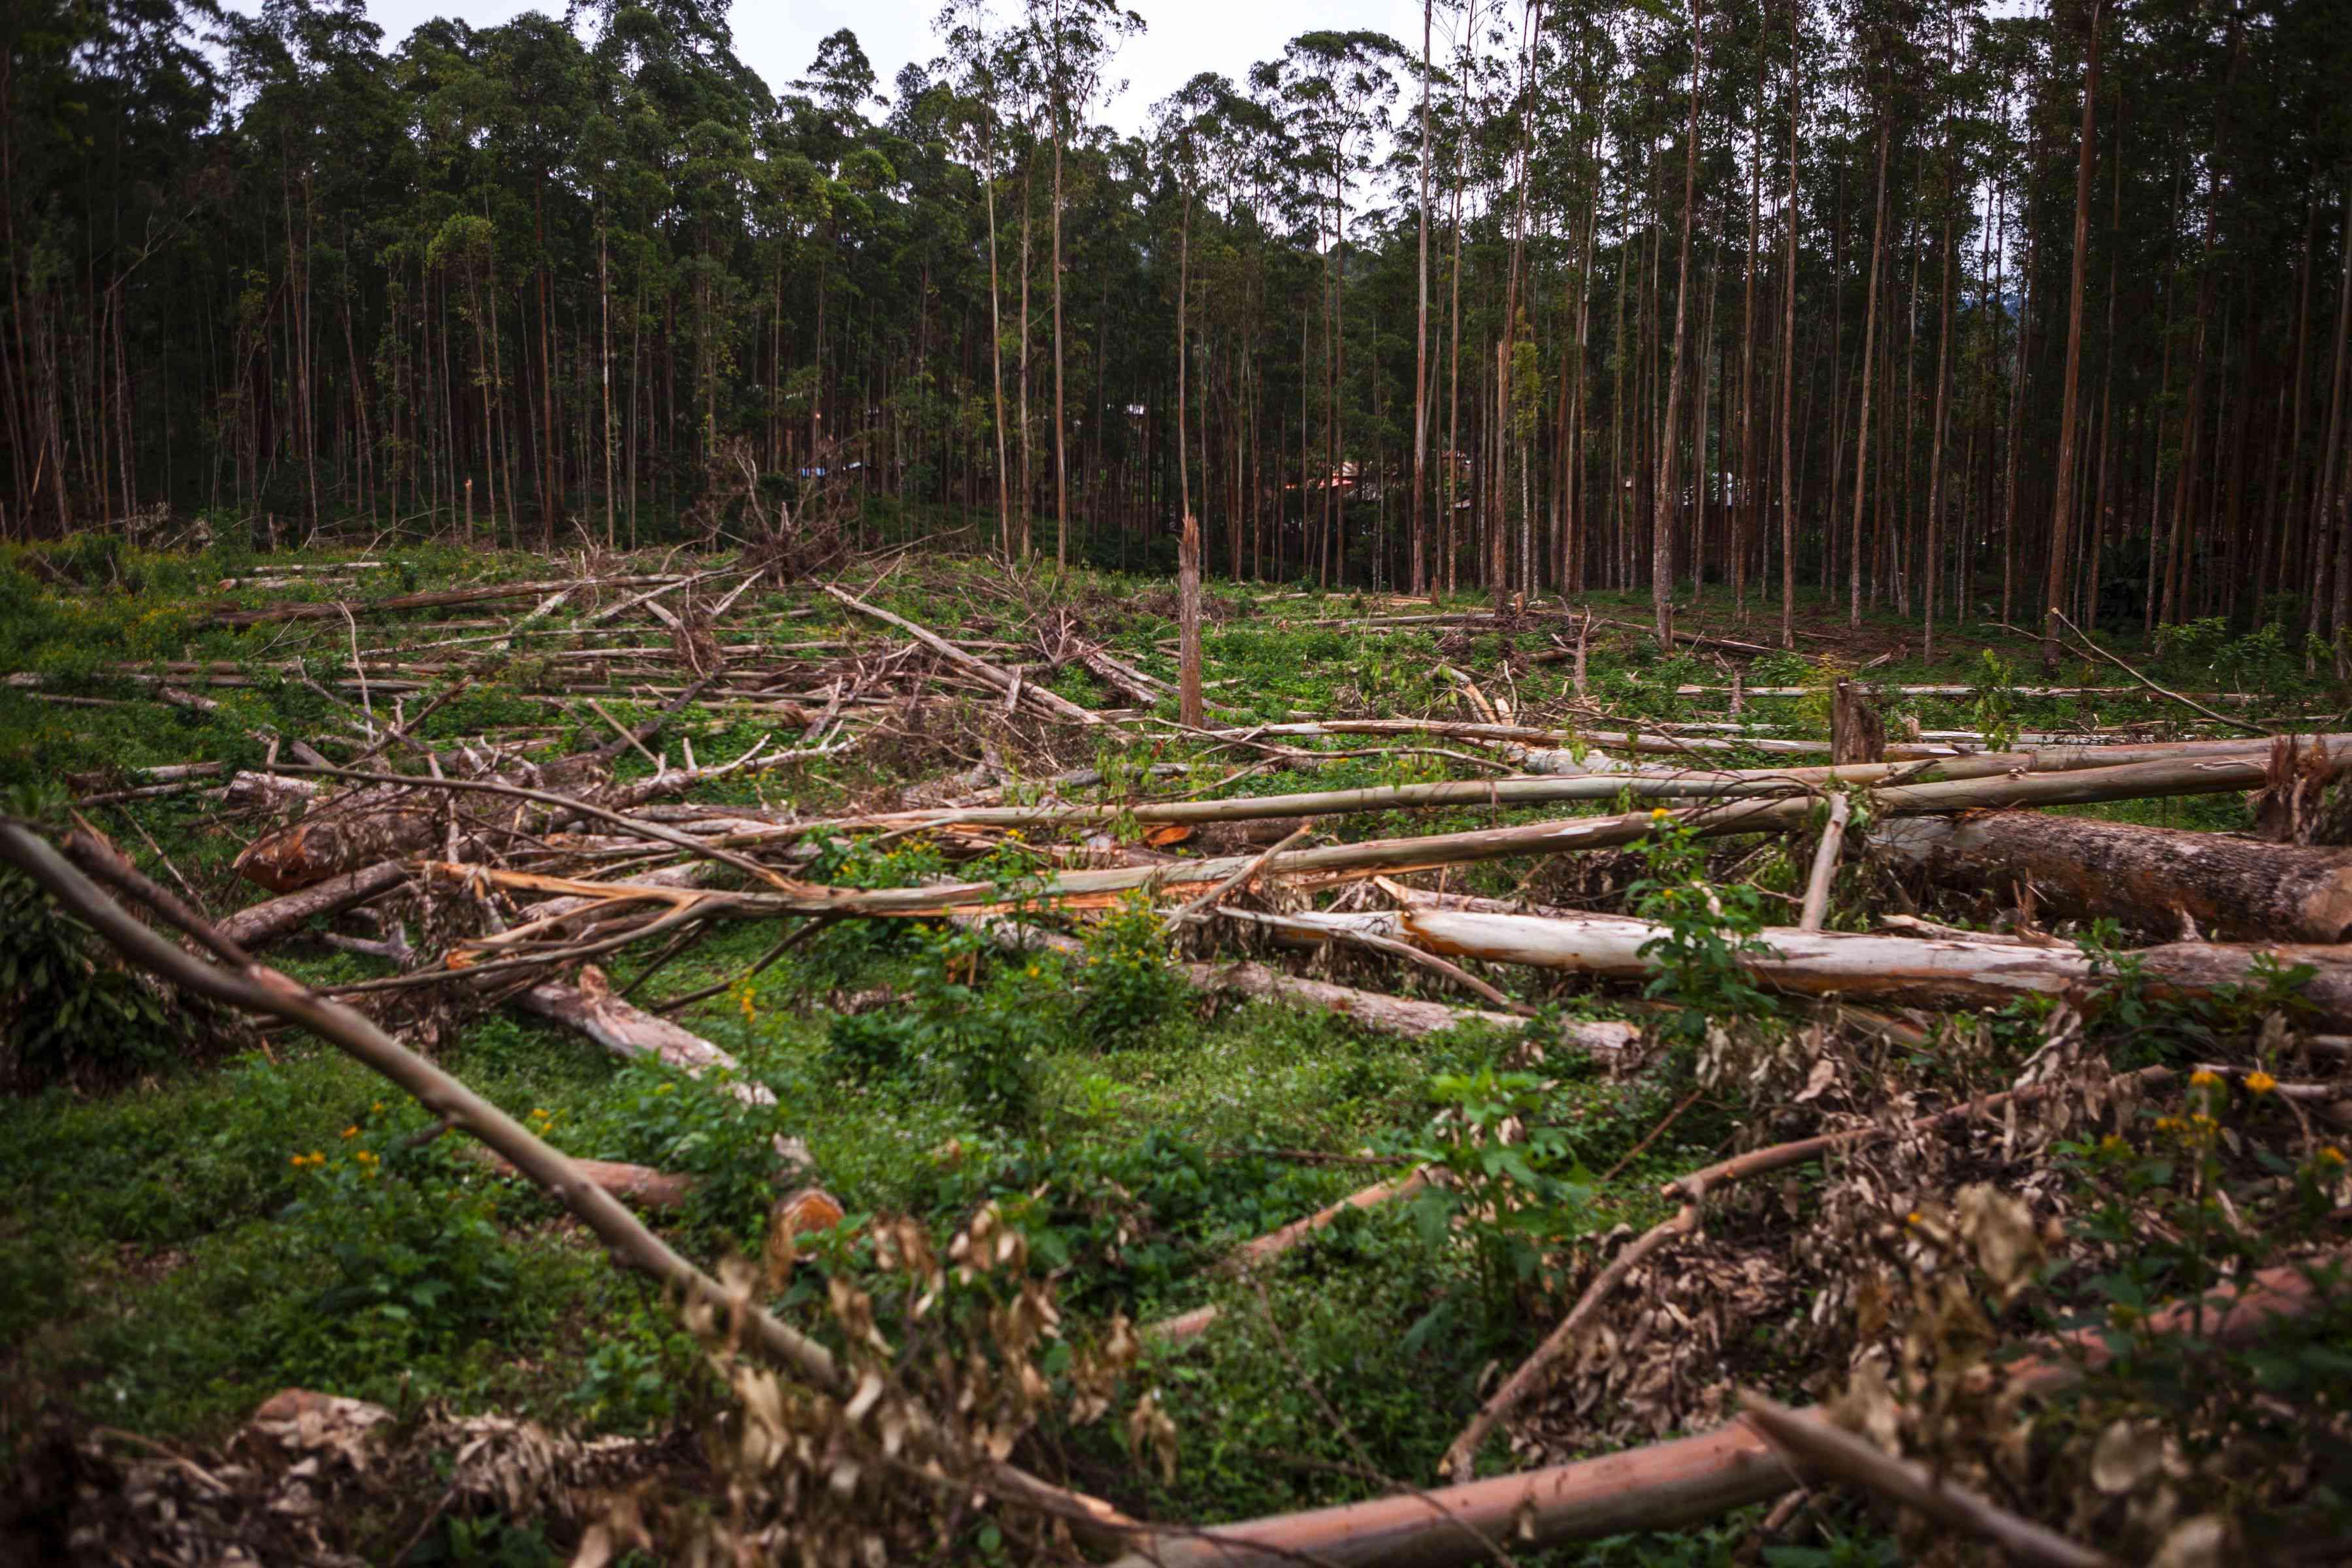 logging in the Democratic Republic of Congo, DRC